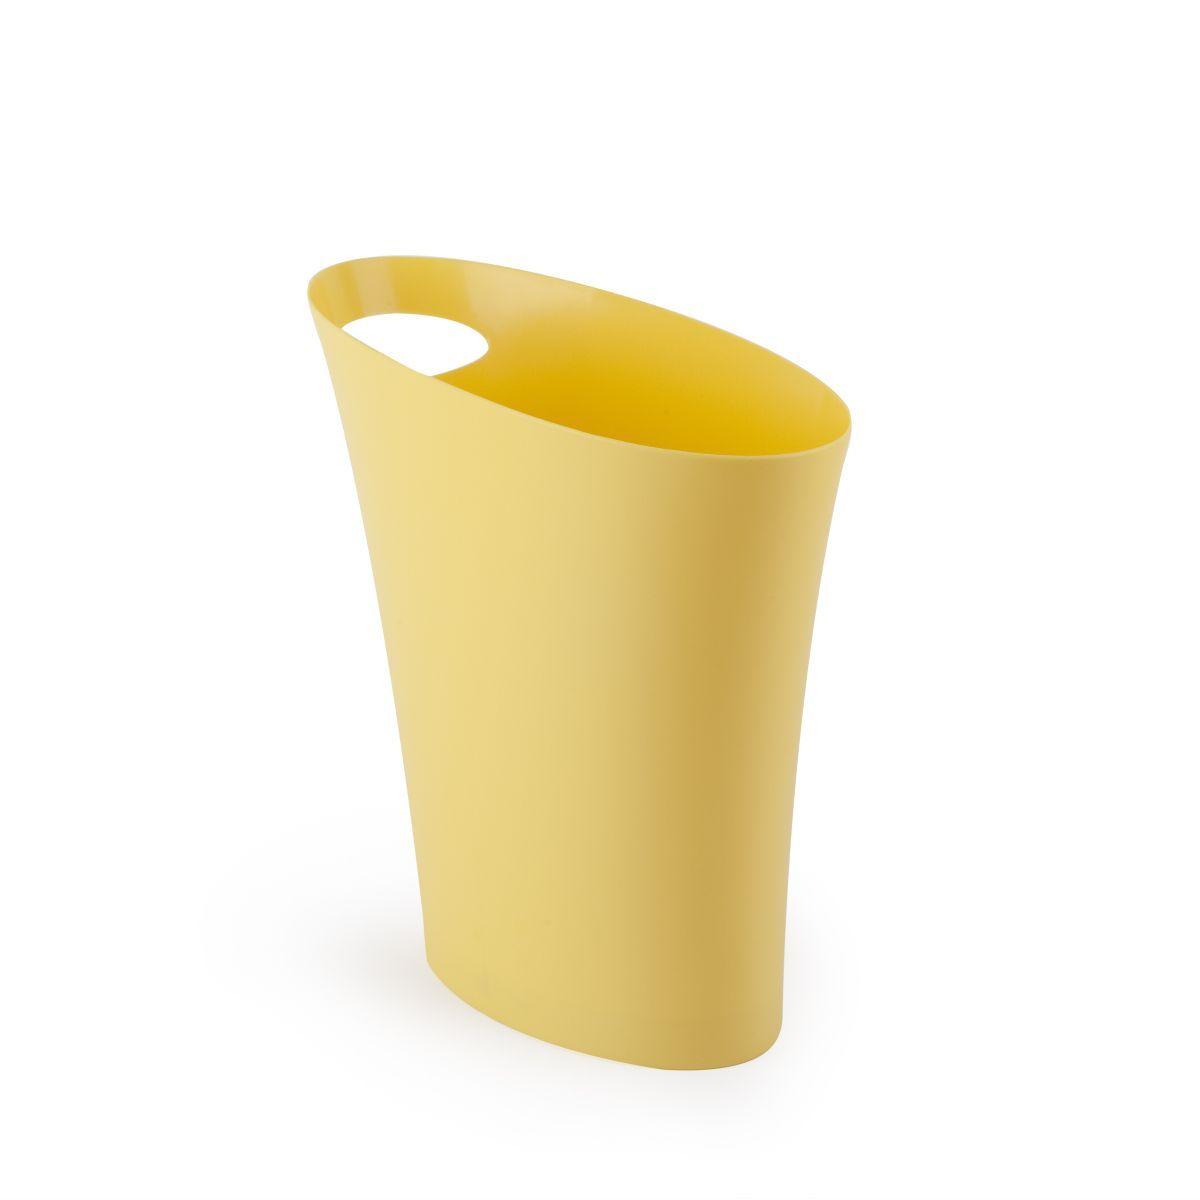 Контейнер для мусора Umbra Skinny, цвет: желтый, 7,5 л531-105Очередное изобретение Карима Рашида, одного из самых известных промышленных дизайнеров. Оригинальный замысел и функциональный подход обеспечены! Привычные мусорные корзины в виде старых ведер из под краски или ненужных коробок давно в прошлом. Каждый элемент в современном доме должен иметь определенный смысл, быть креативным и удобным. Вплоть до мусорного ведра. Несмотря на кажущийся миниатюрный размер, ведро вмещает до 7,5 литров, а ручка в виде отверстия на верхней части ведра удобна при переноске.